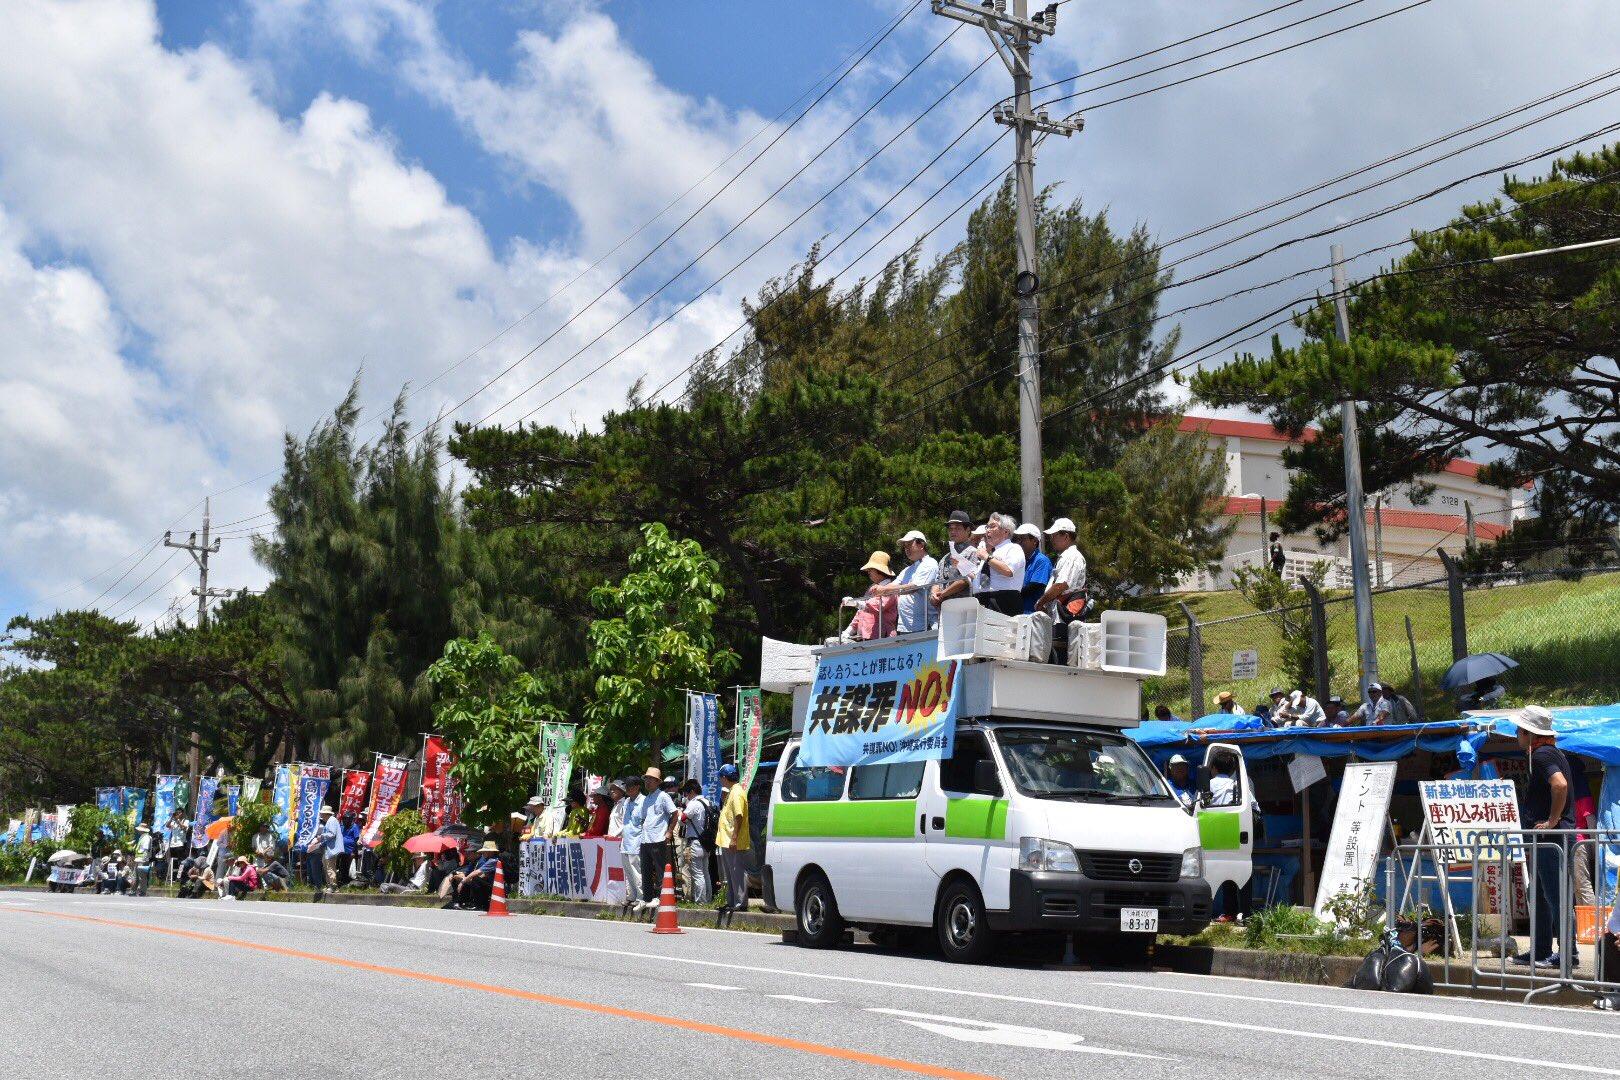 沖縄「本物の共謀罪で安倍総理を牢獄に入れろ!」のサムネイル画像